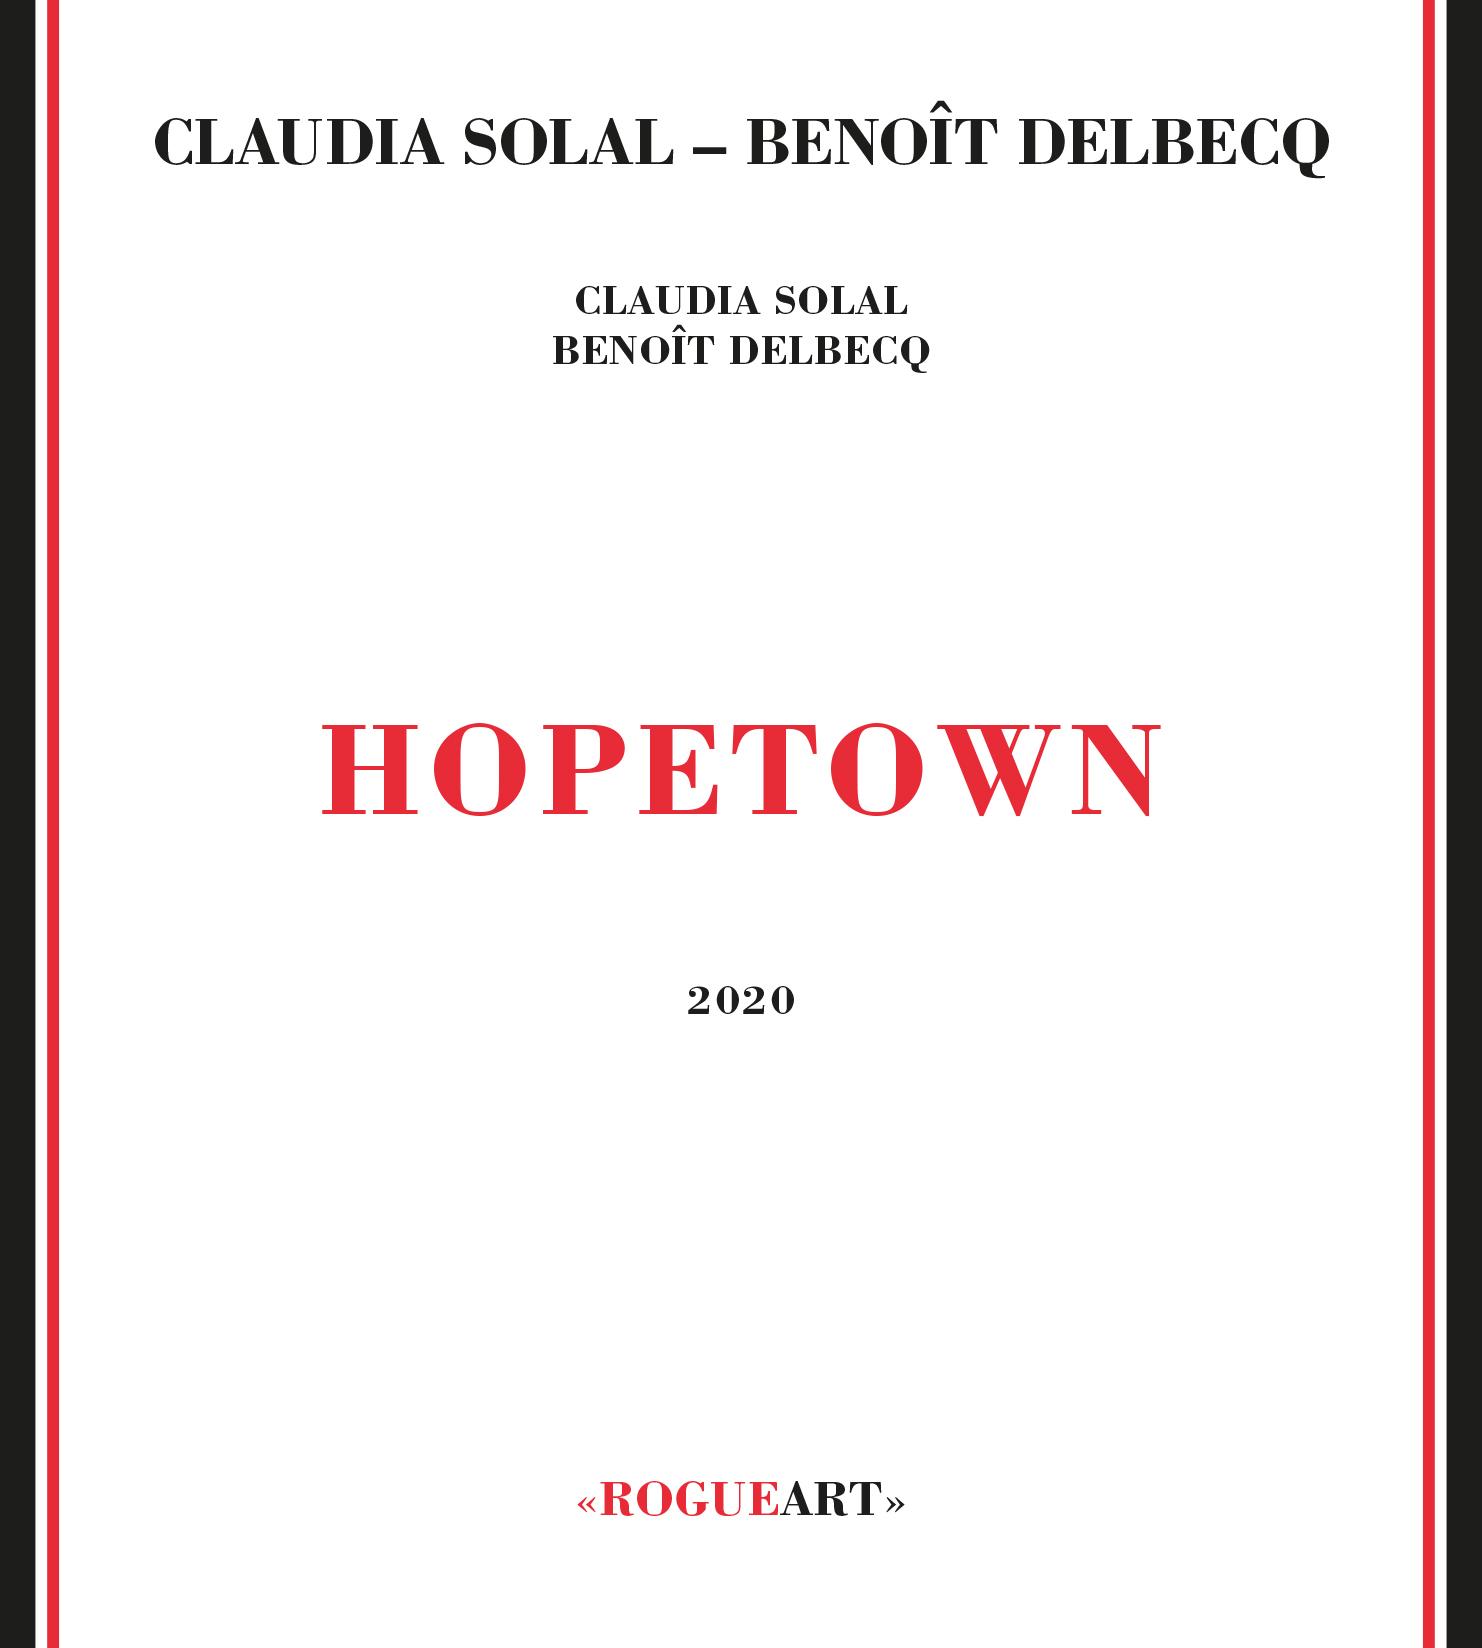 CLAUDIA SOLAL - Claudia Solal - Benoît Delbecq : Hopetown cover